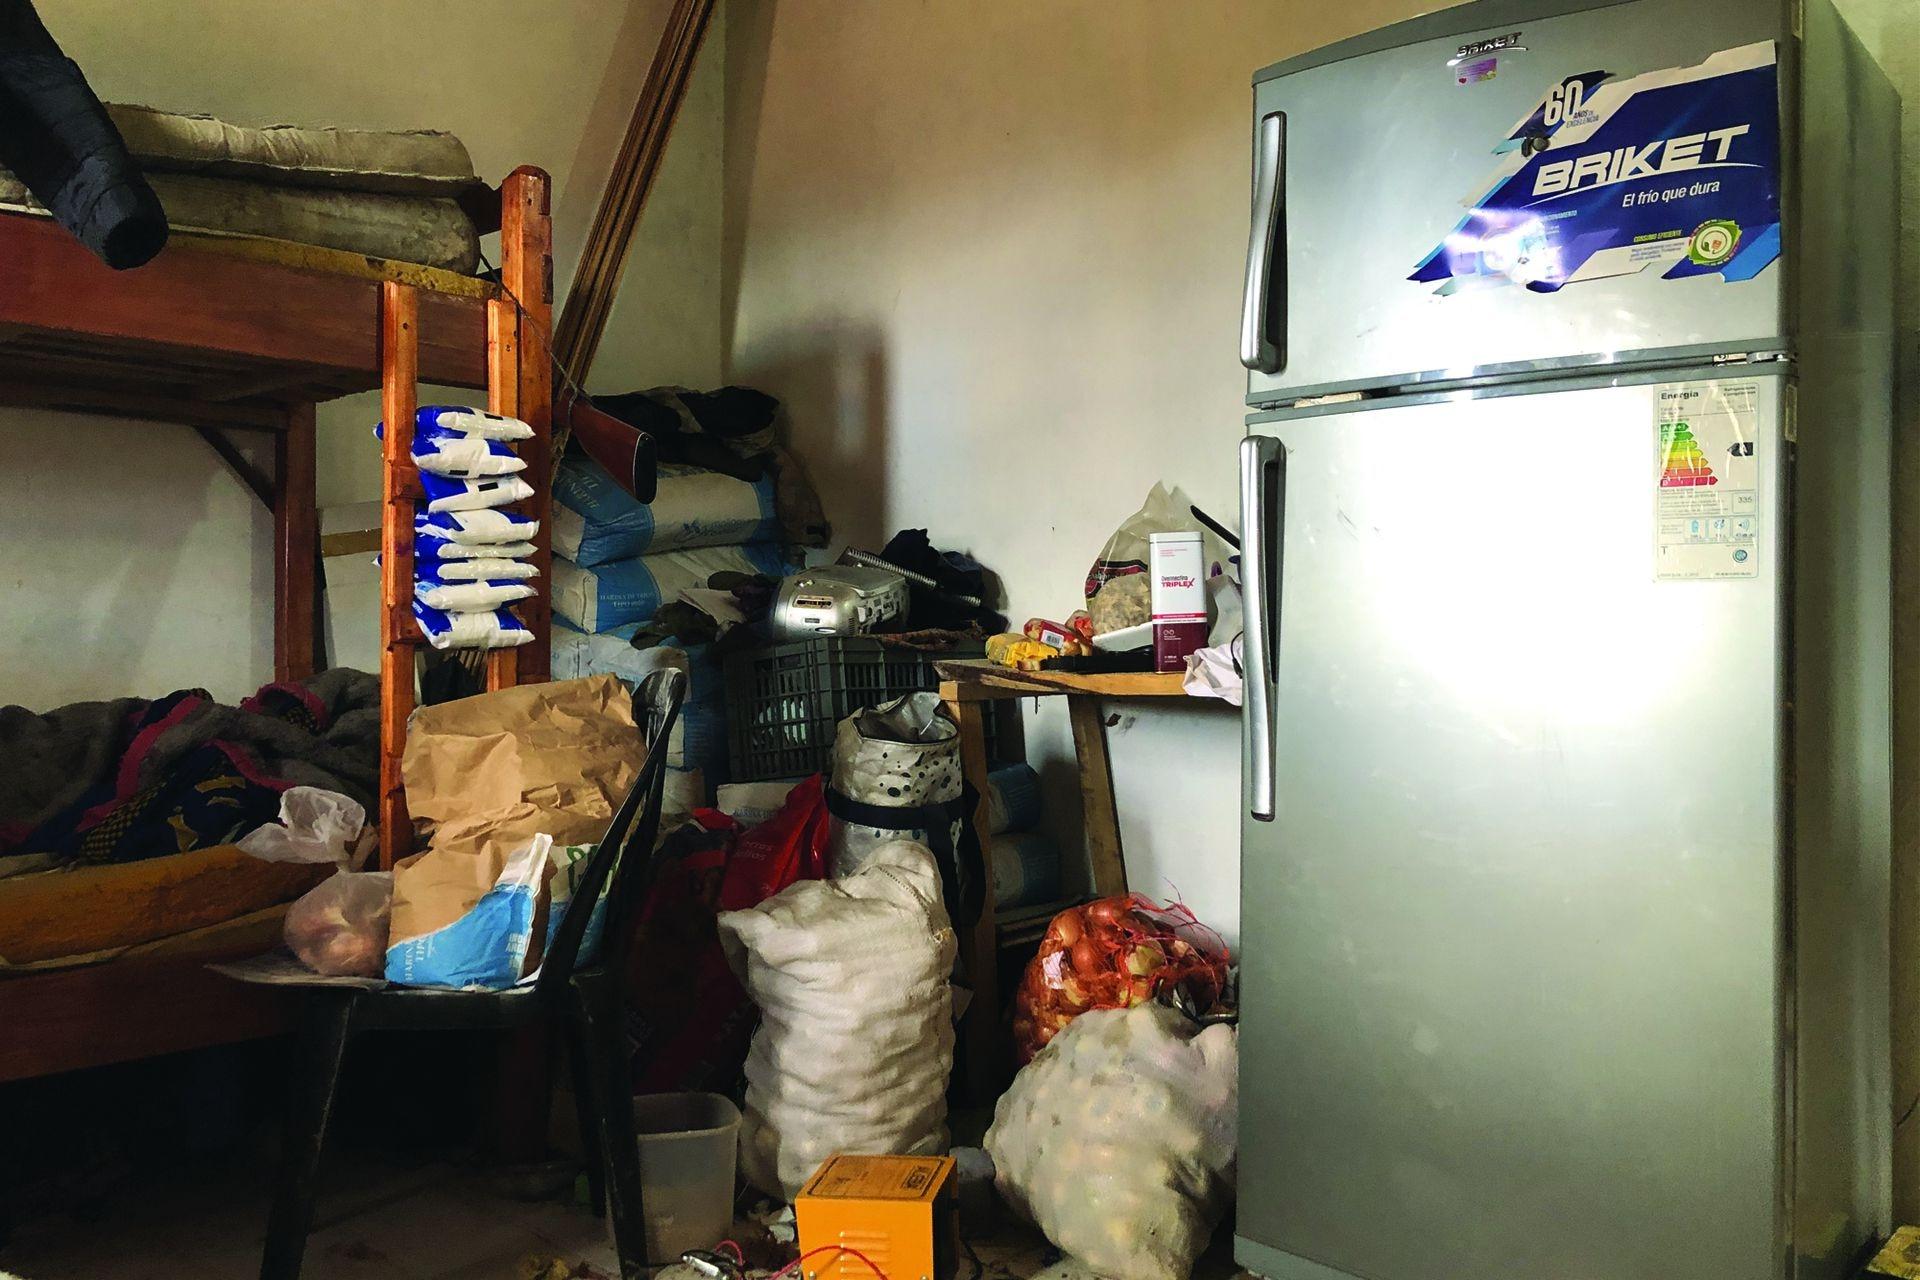 La habitación de Maciela y de sus hermanos funciona como la alacena de la casa porque no tienen lugar